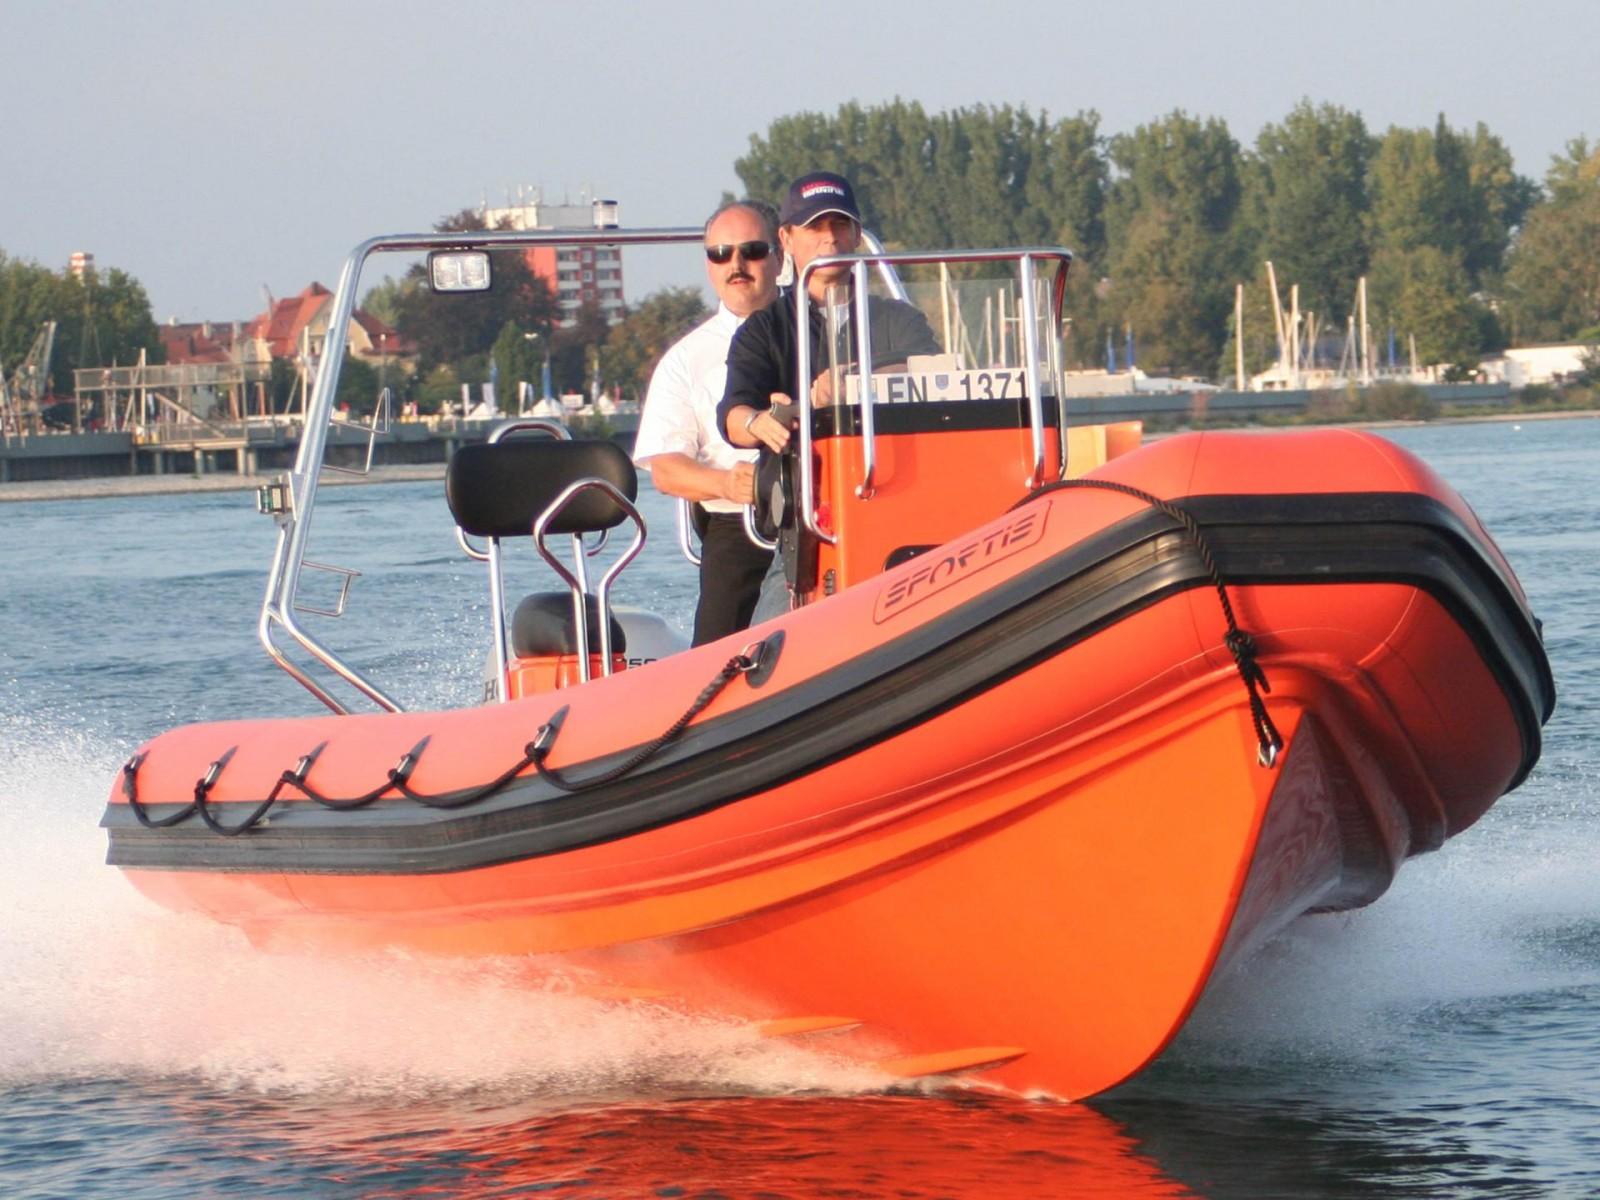 Electric Inboard Boat Steering System Www pearlywhisper